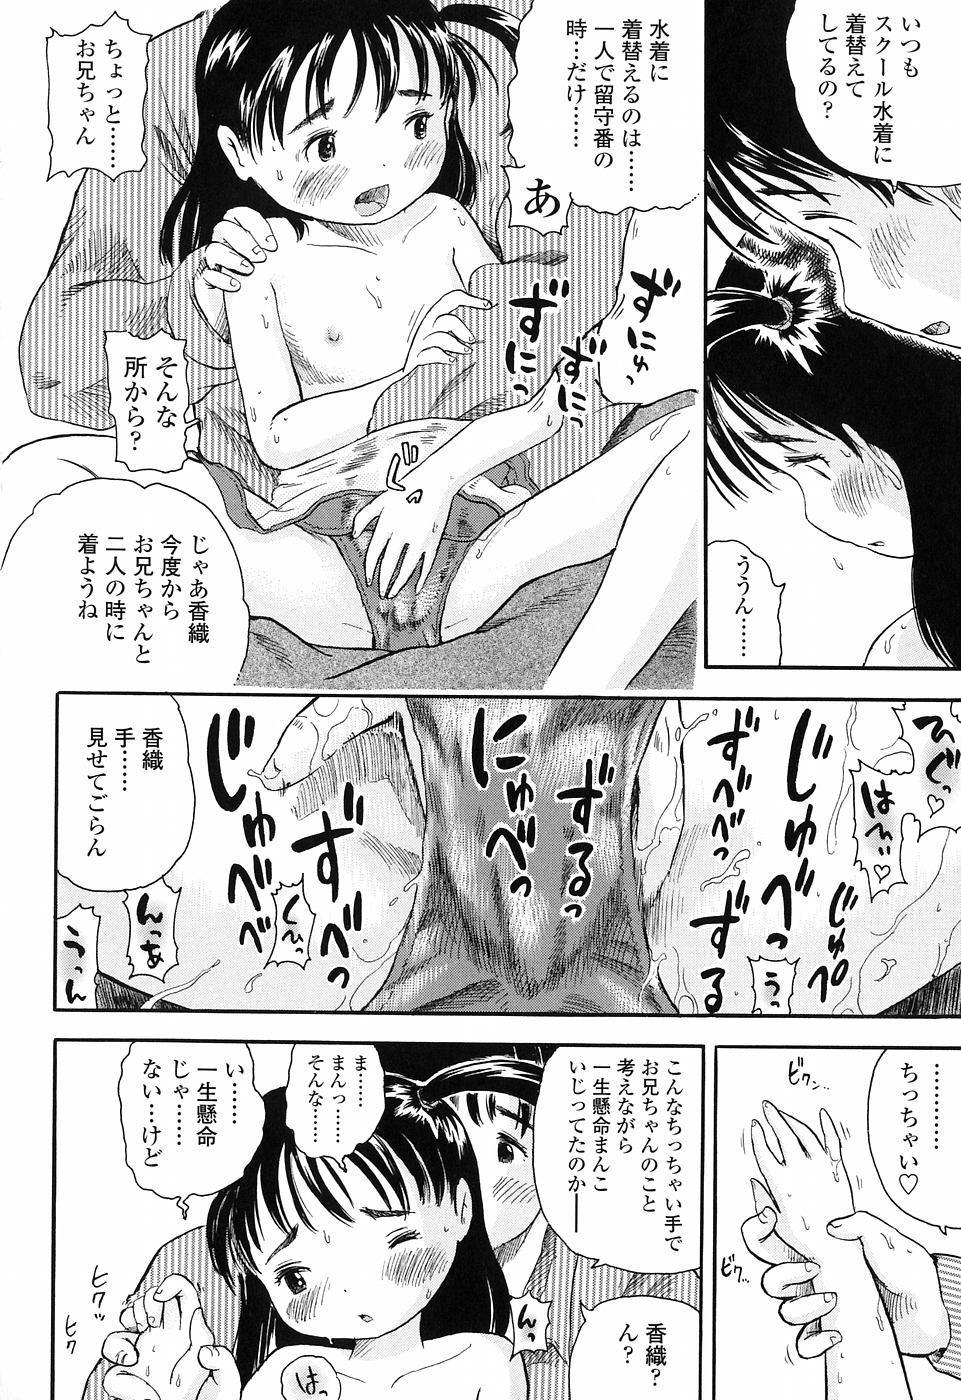 Koisuru Fukurami 153